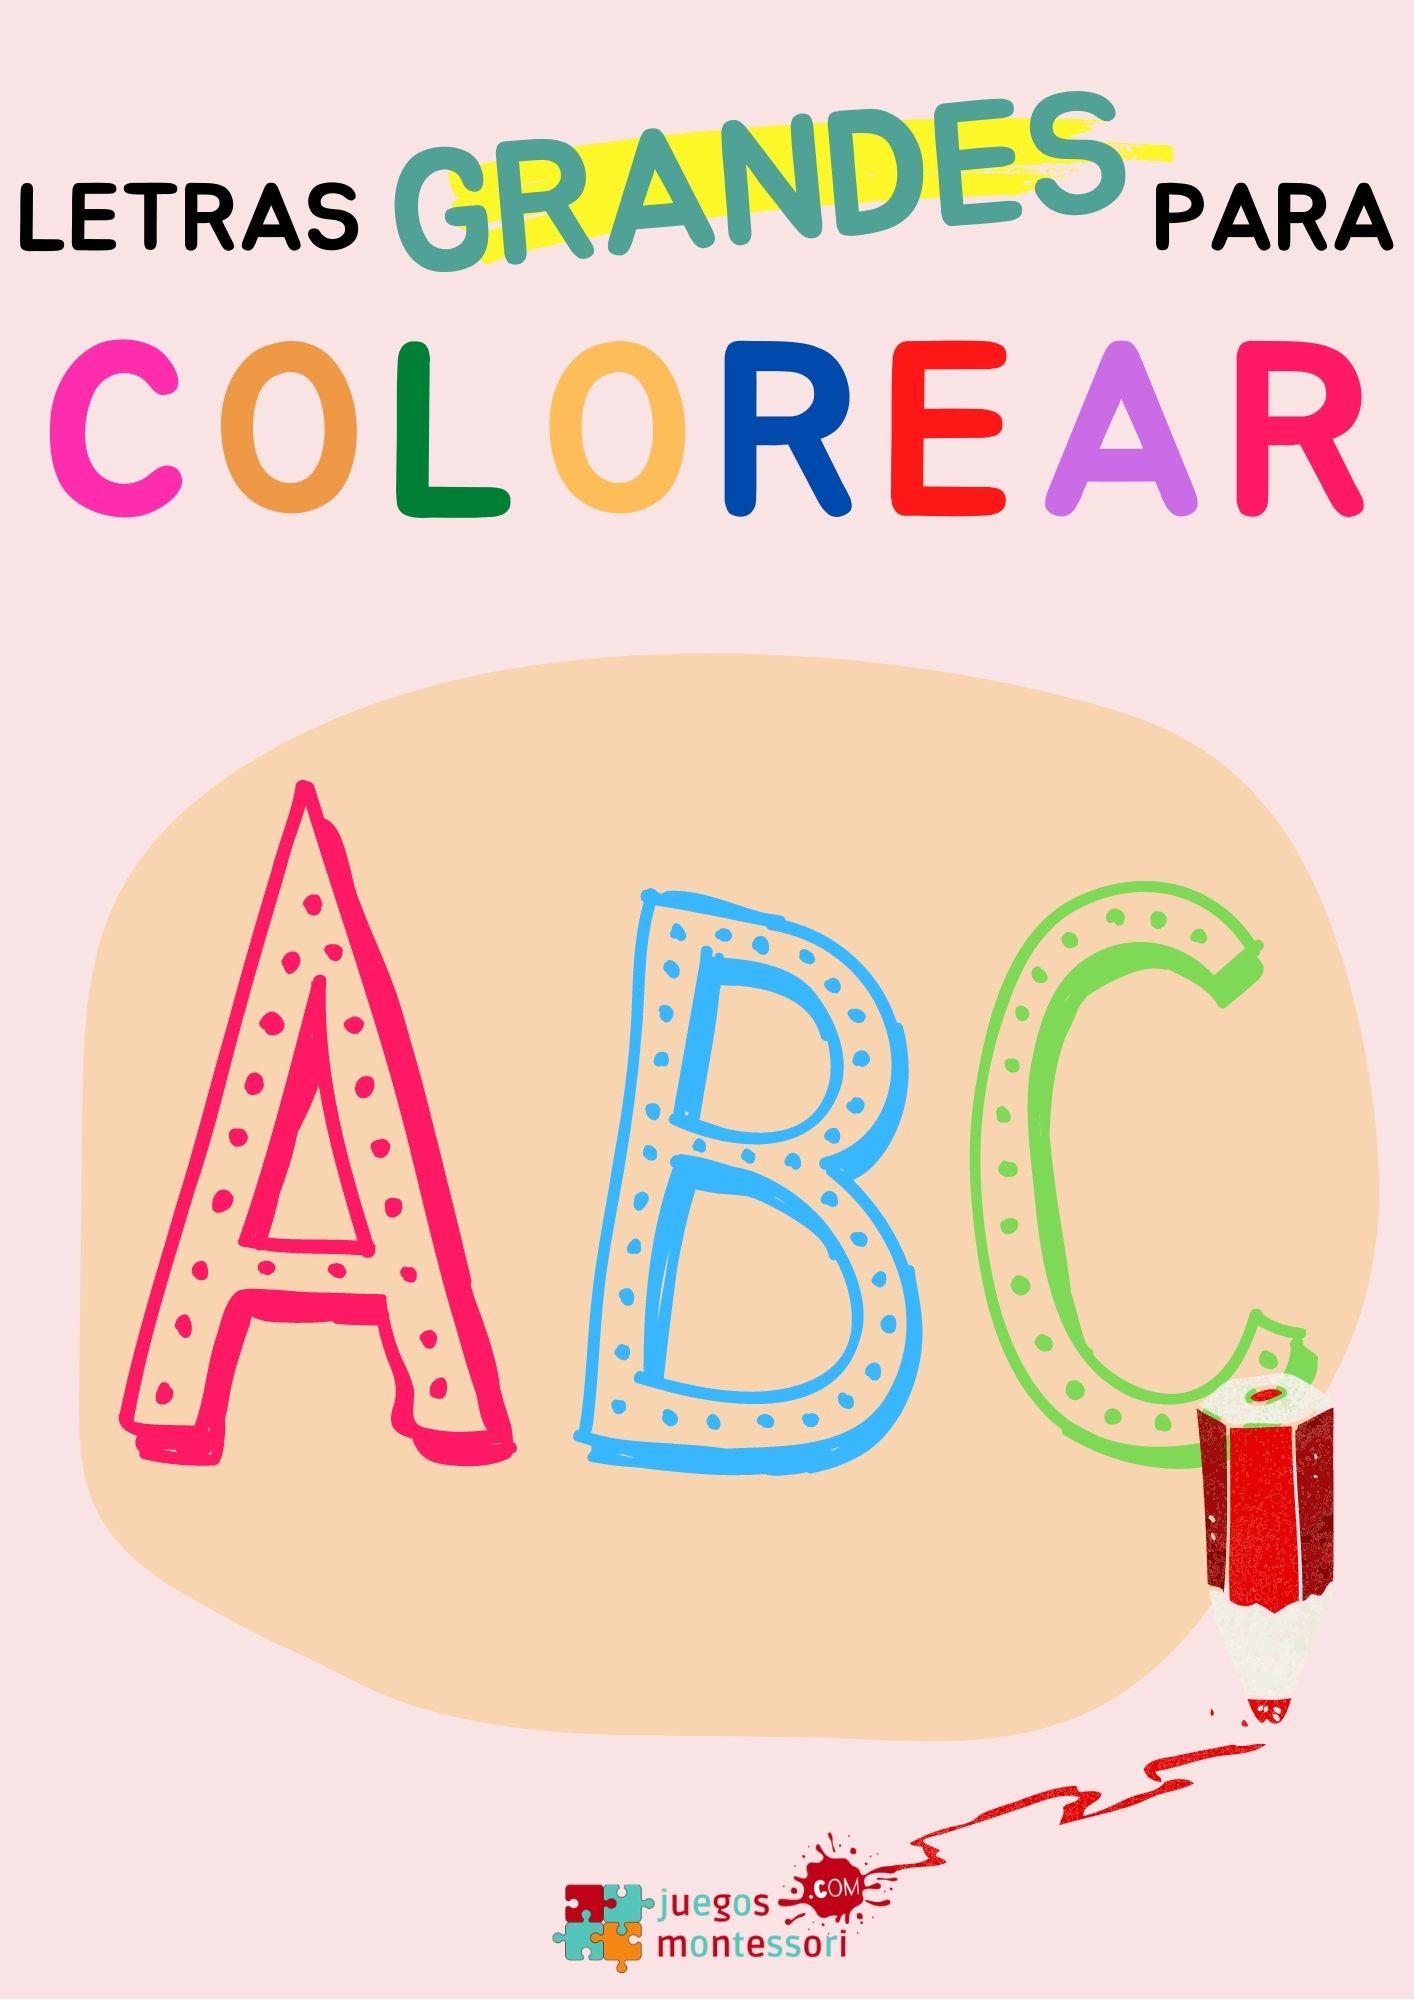 Letras grandes para colorear | PDF para Imprimir